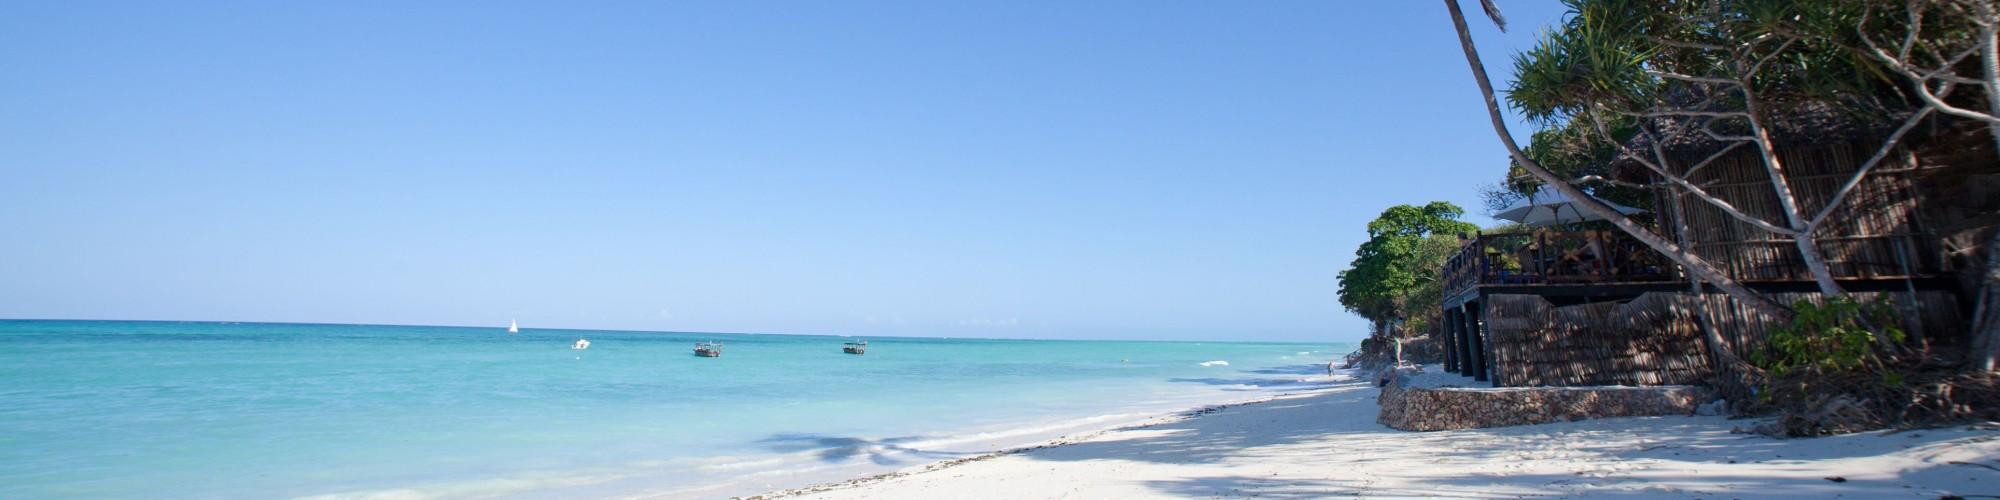 Ras Nungwi, Zanzibar